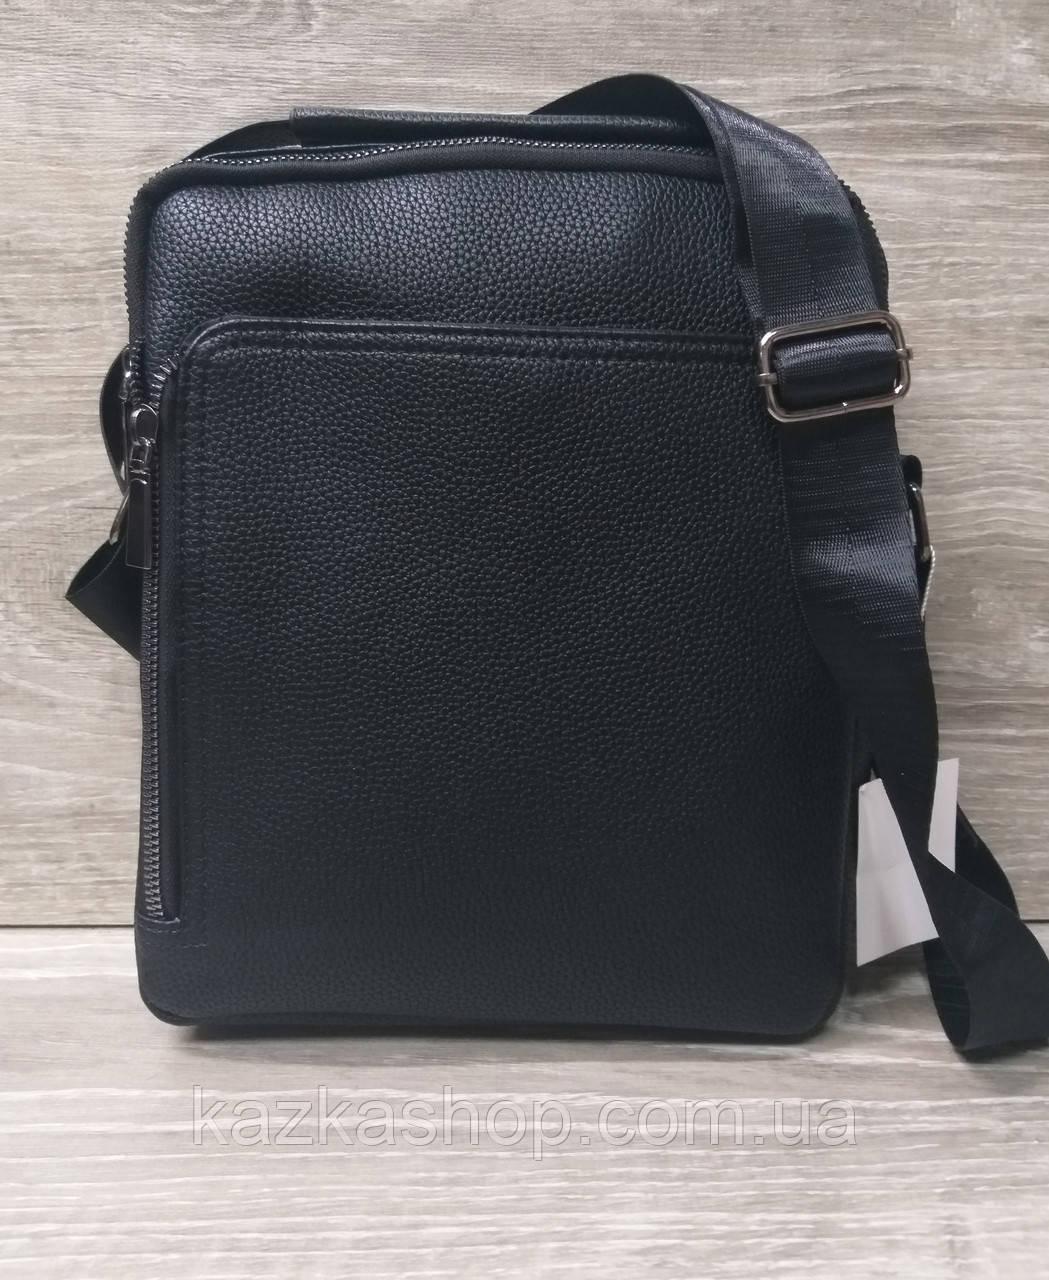 Мужская сумка через плечо черного цвета из искусственной кожи, один отдел 20х25 см